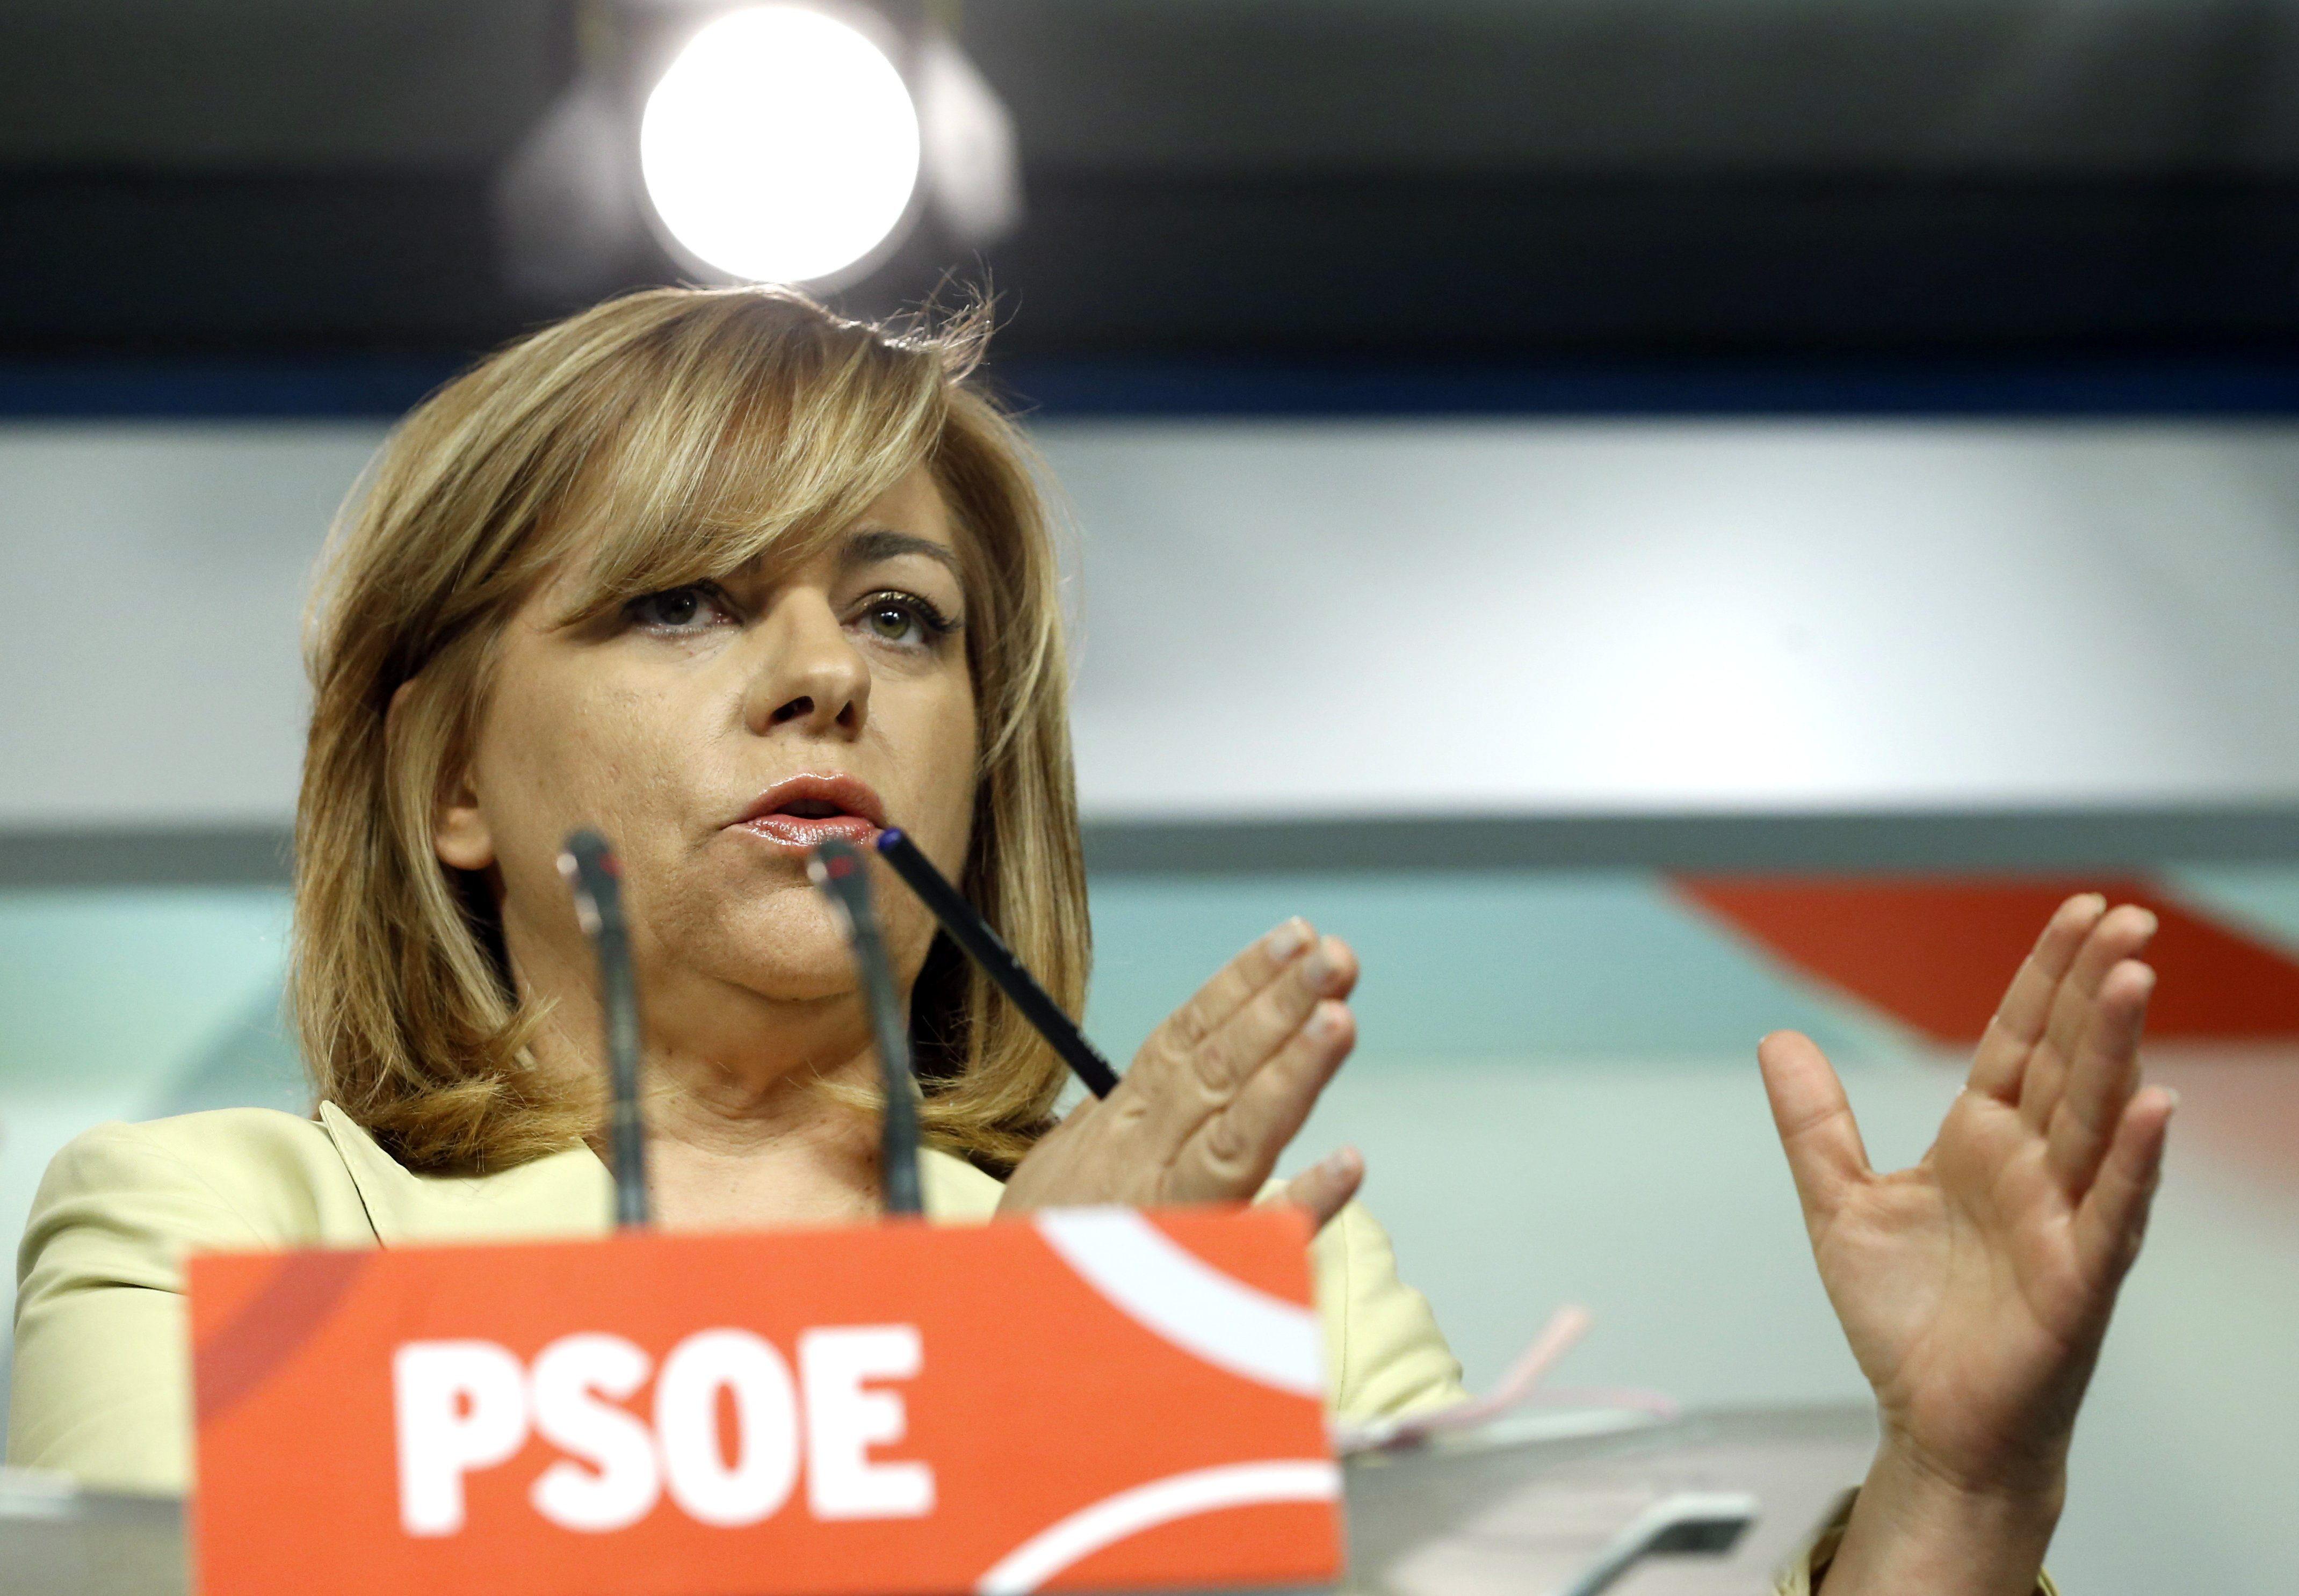 El PSOE exige a Rajoy que lidere la lucha contra el maltrato con sensibilidad